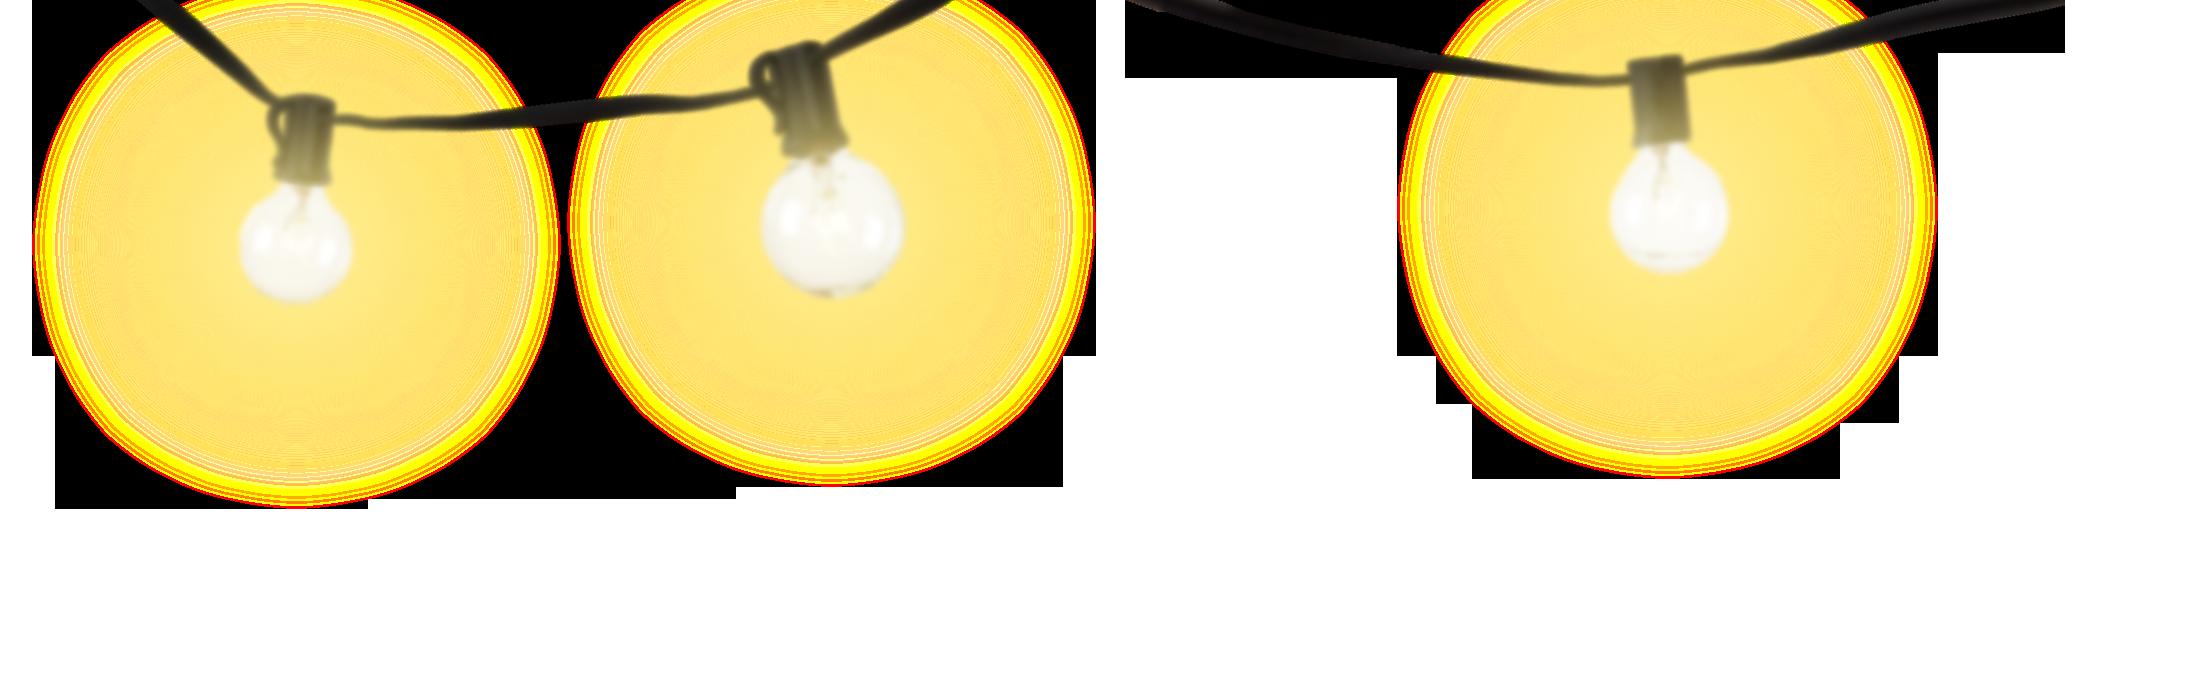 banner Christmas lights lighting incandescent. Bulb clipart string light